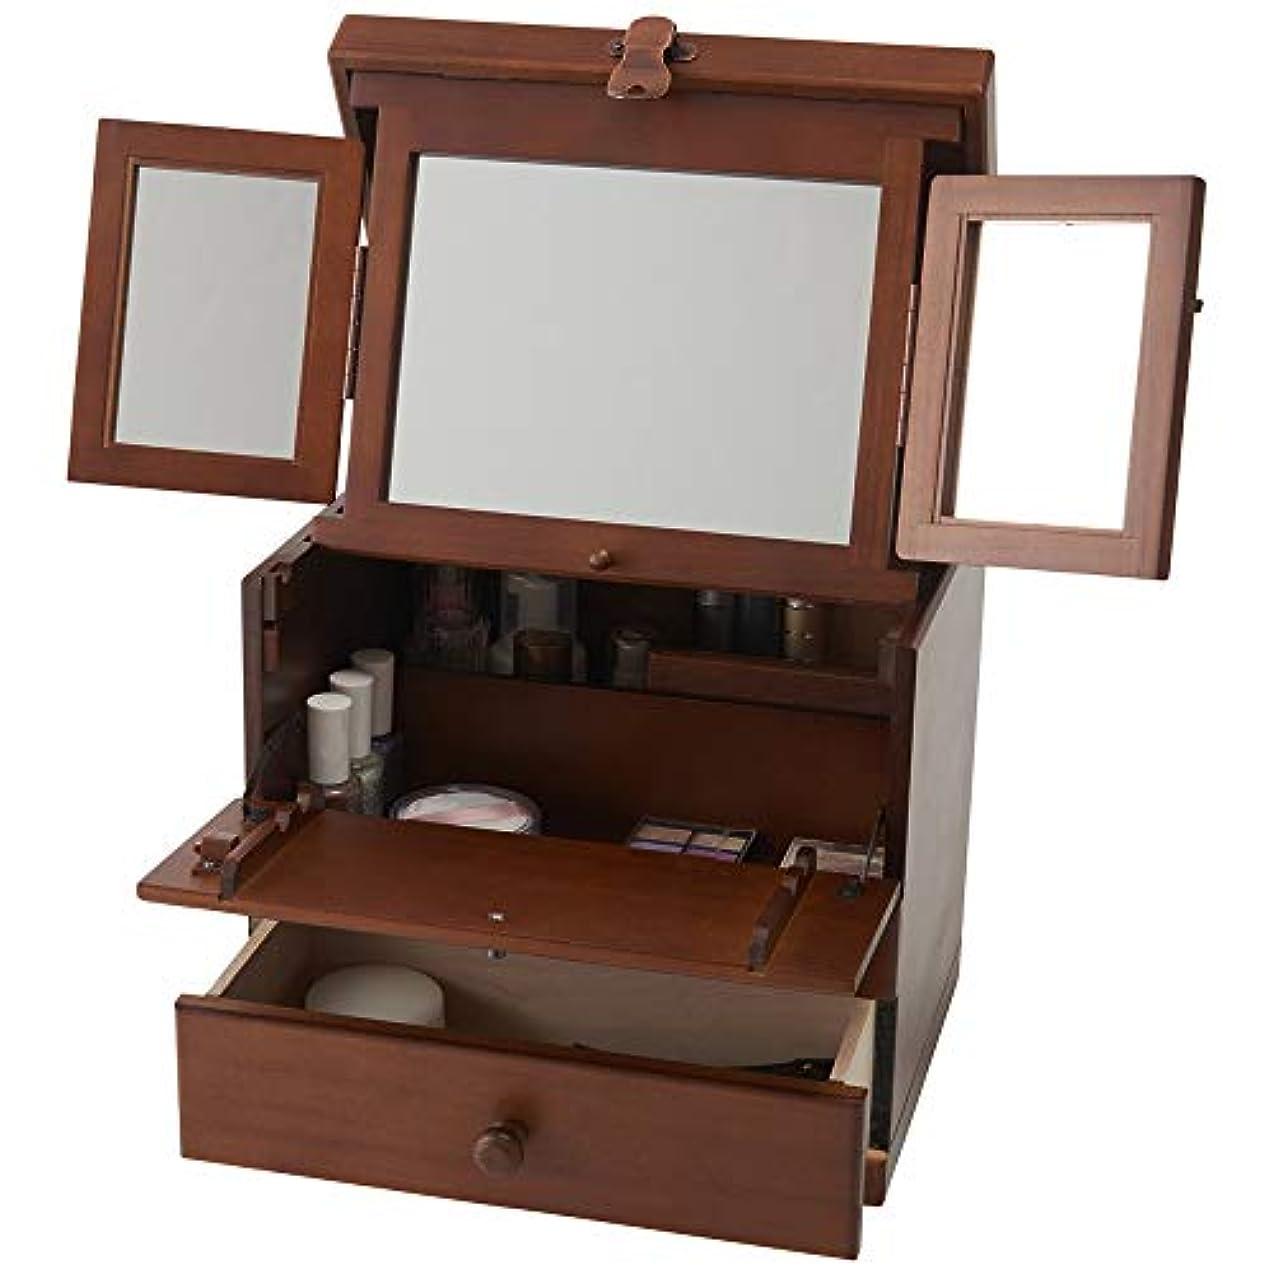 金属つまらない木製コスメボックス 三面鏡 持ち運び 鏡付き 化粧ボックス メイクボックス 日本製